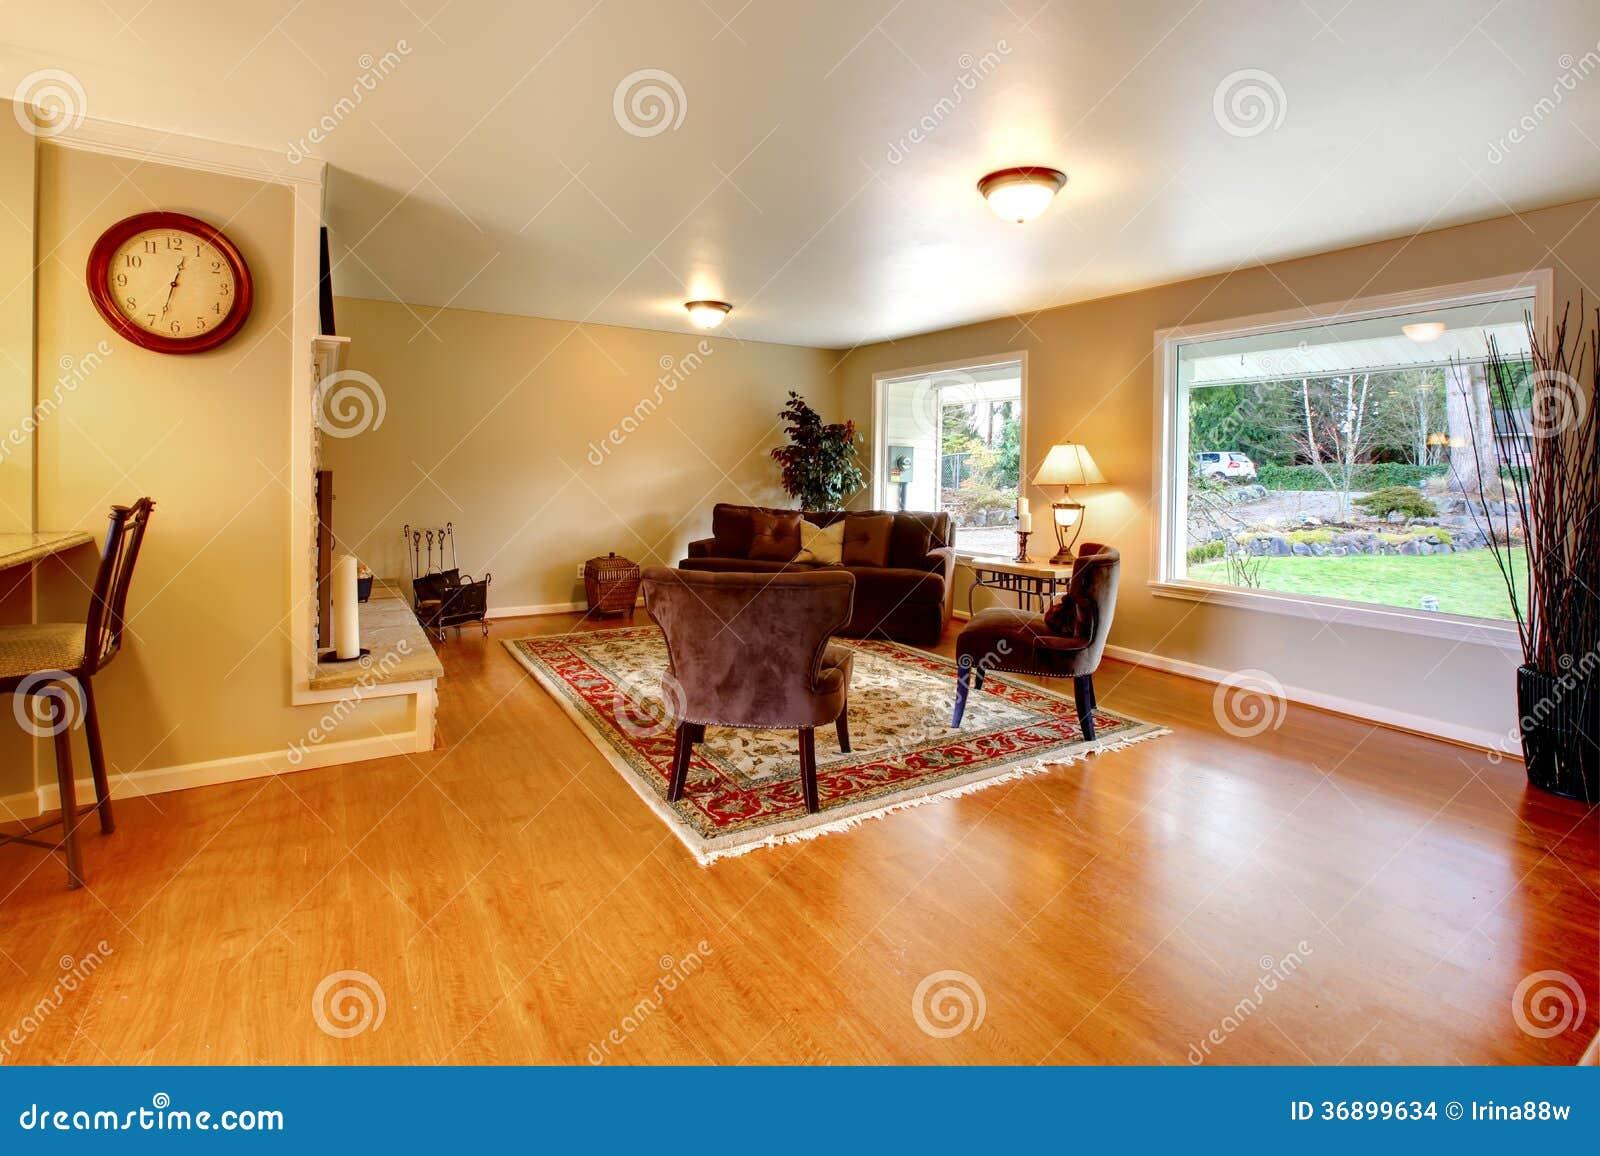 Elegante Warme Farbe Versorgte Wohnzimmer Mit Breiten Fenstern